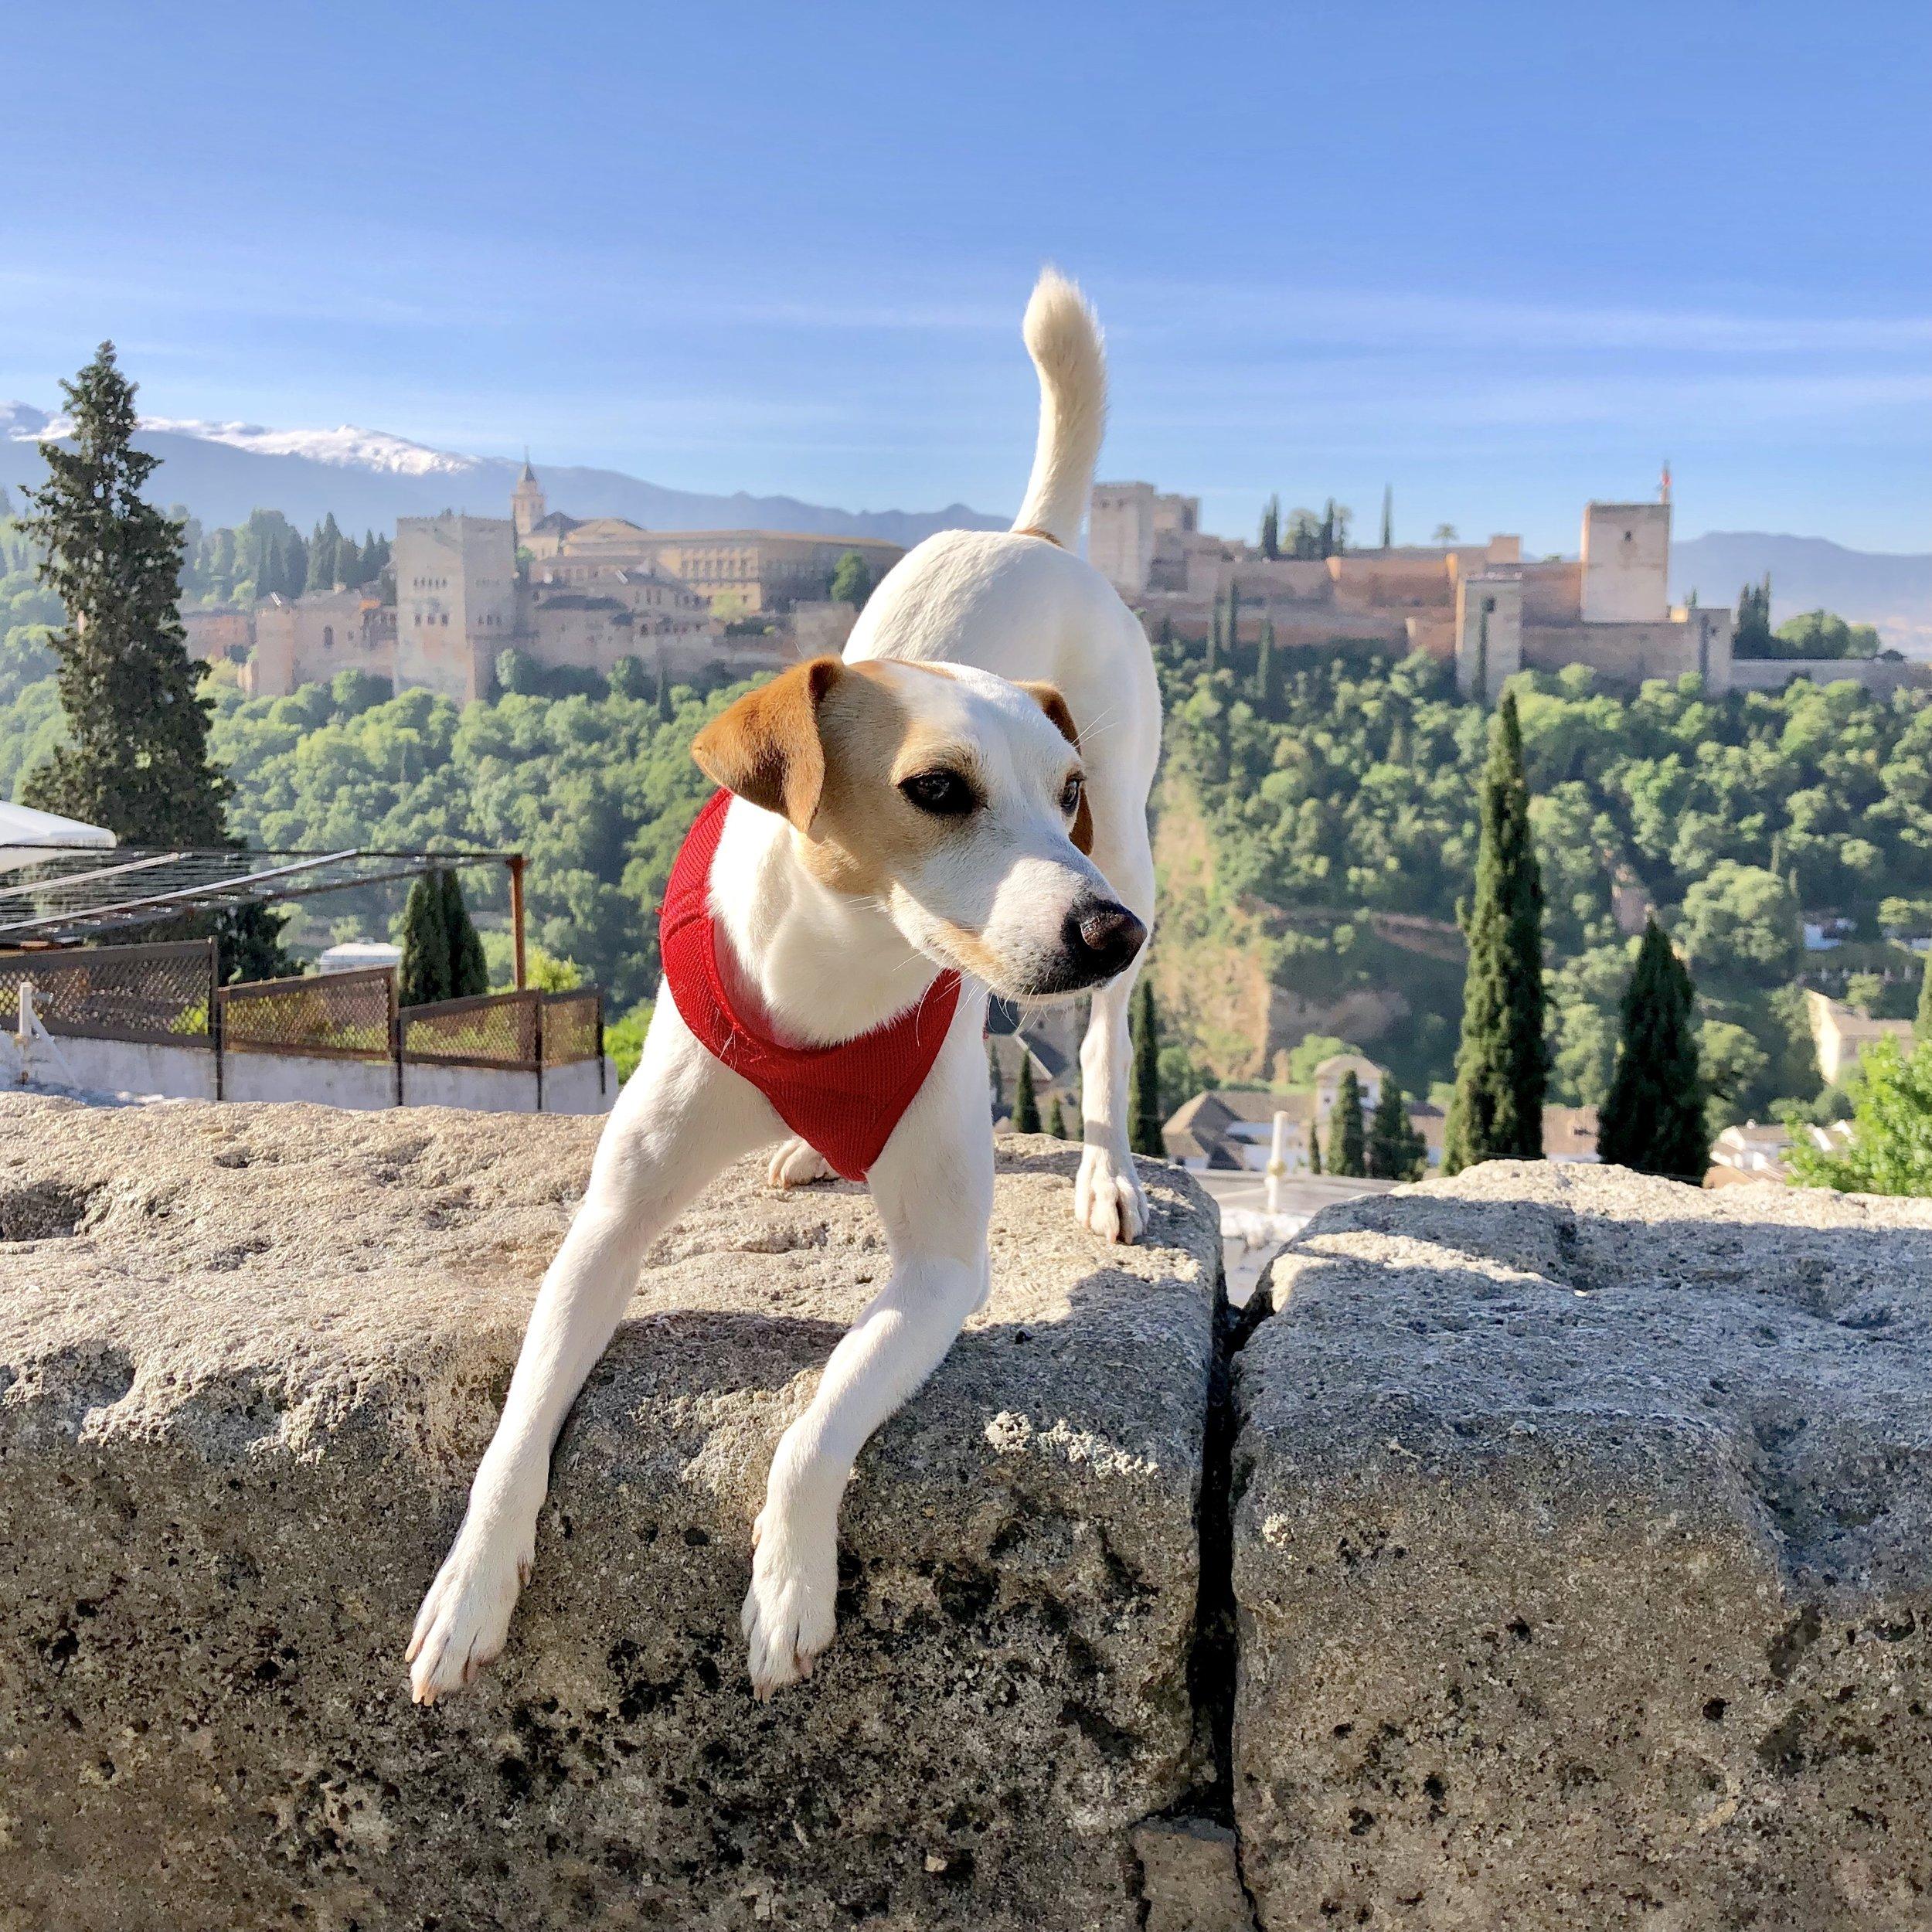 El perro viajero en el Mirador de San Nicolás.